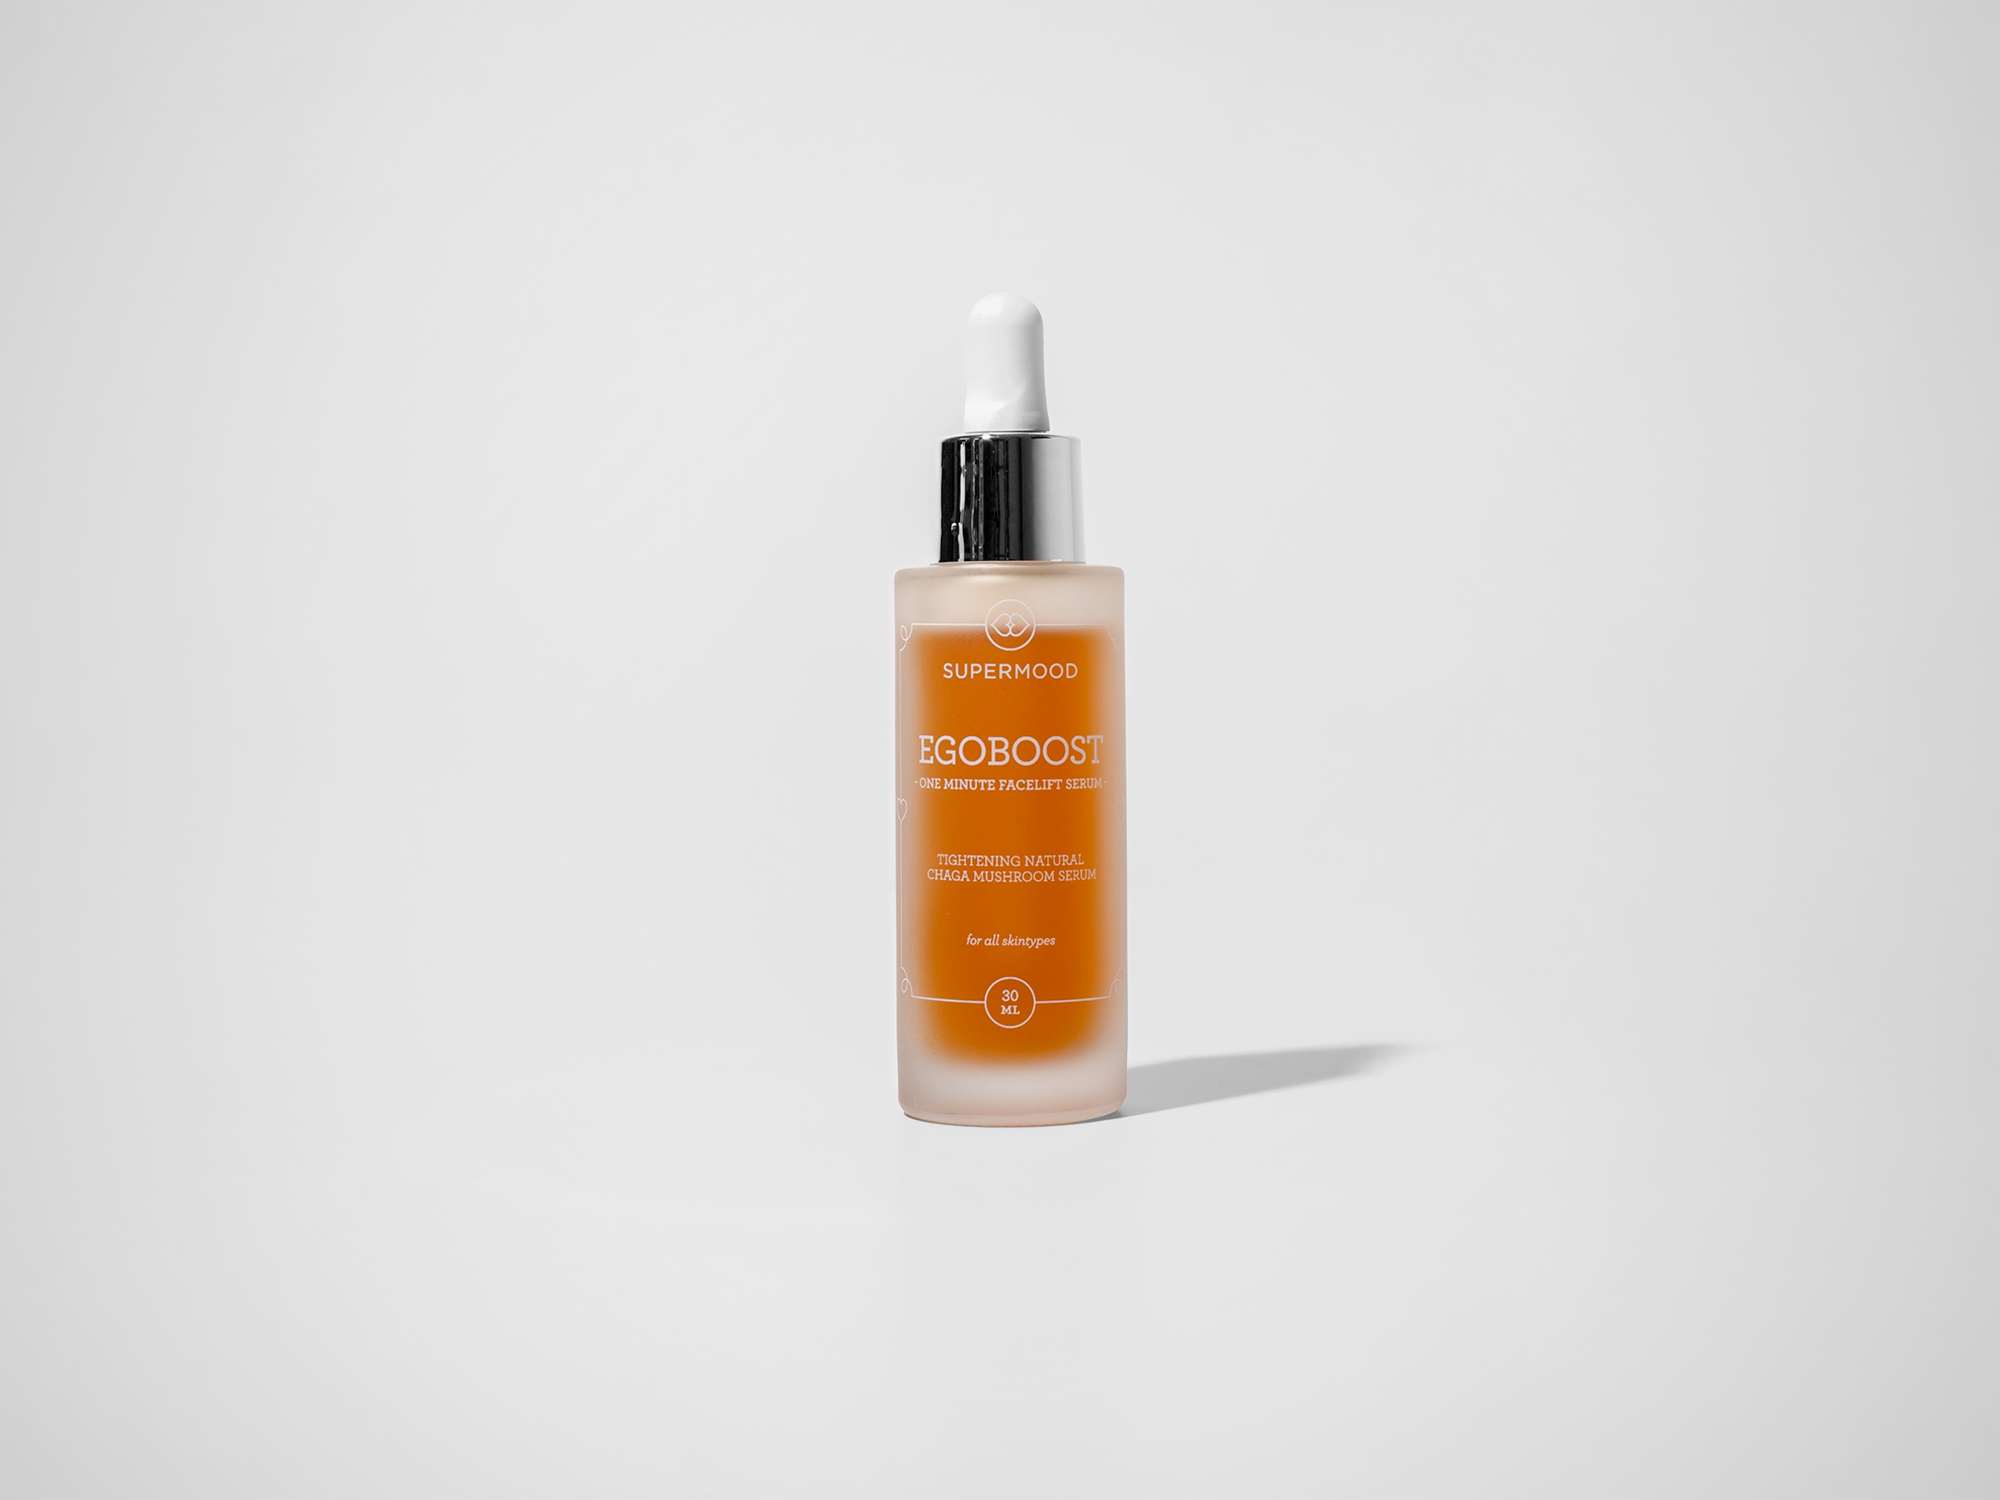 The-Skin-Supermood-Egoboost-One-Minute-Facelift-Serum-30ml.jpg